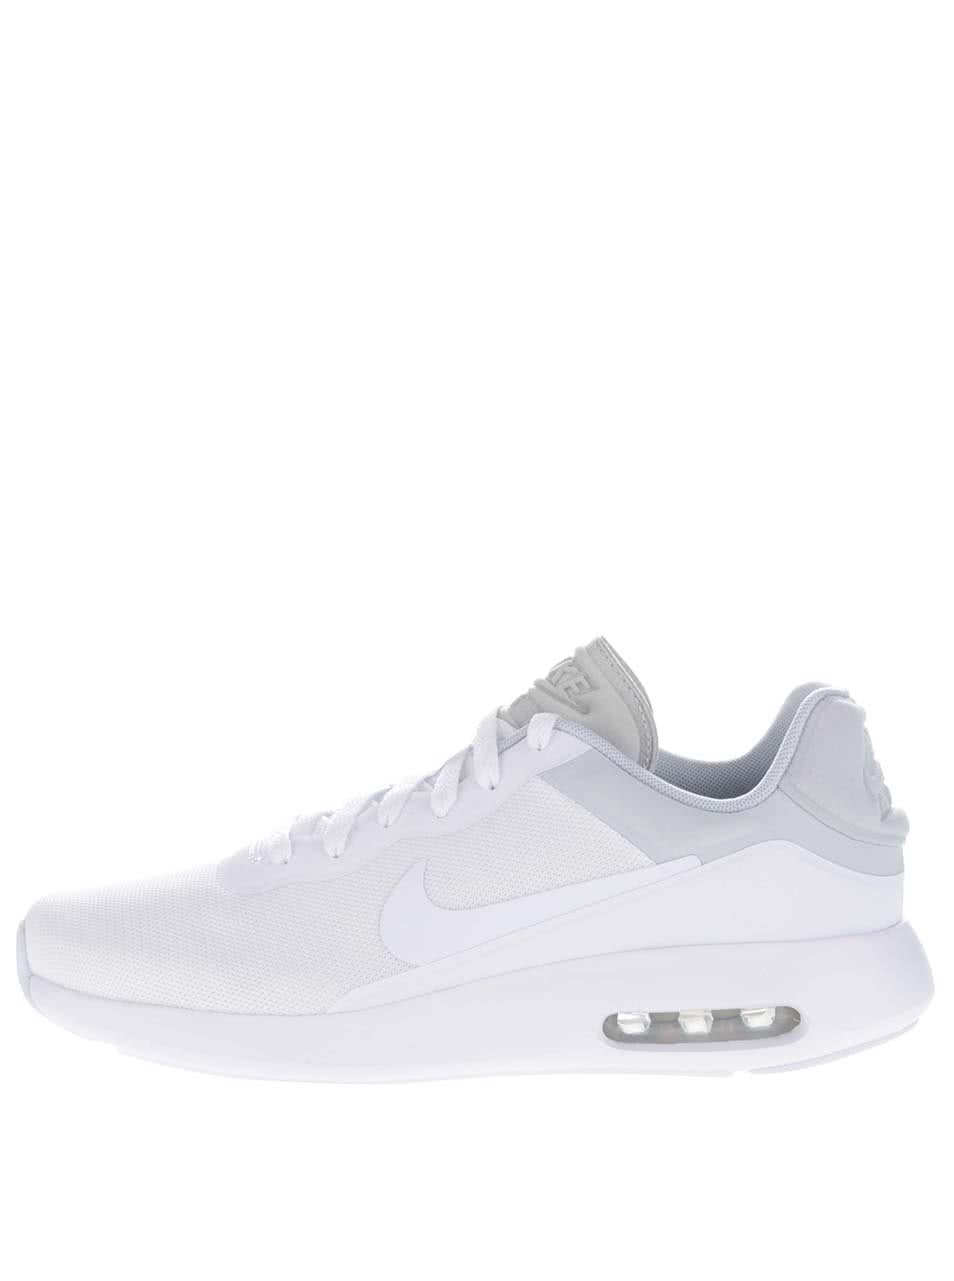 Bílé pánské tenisky Nike Air Max